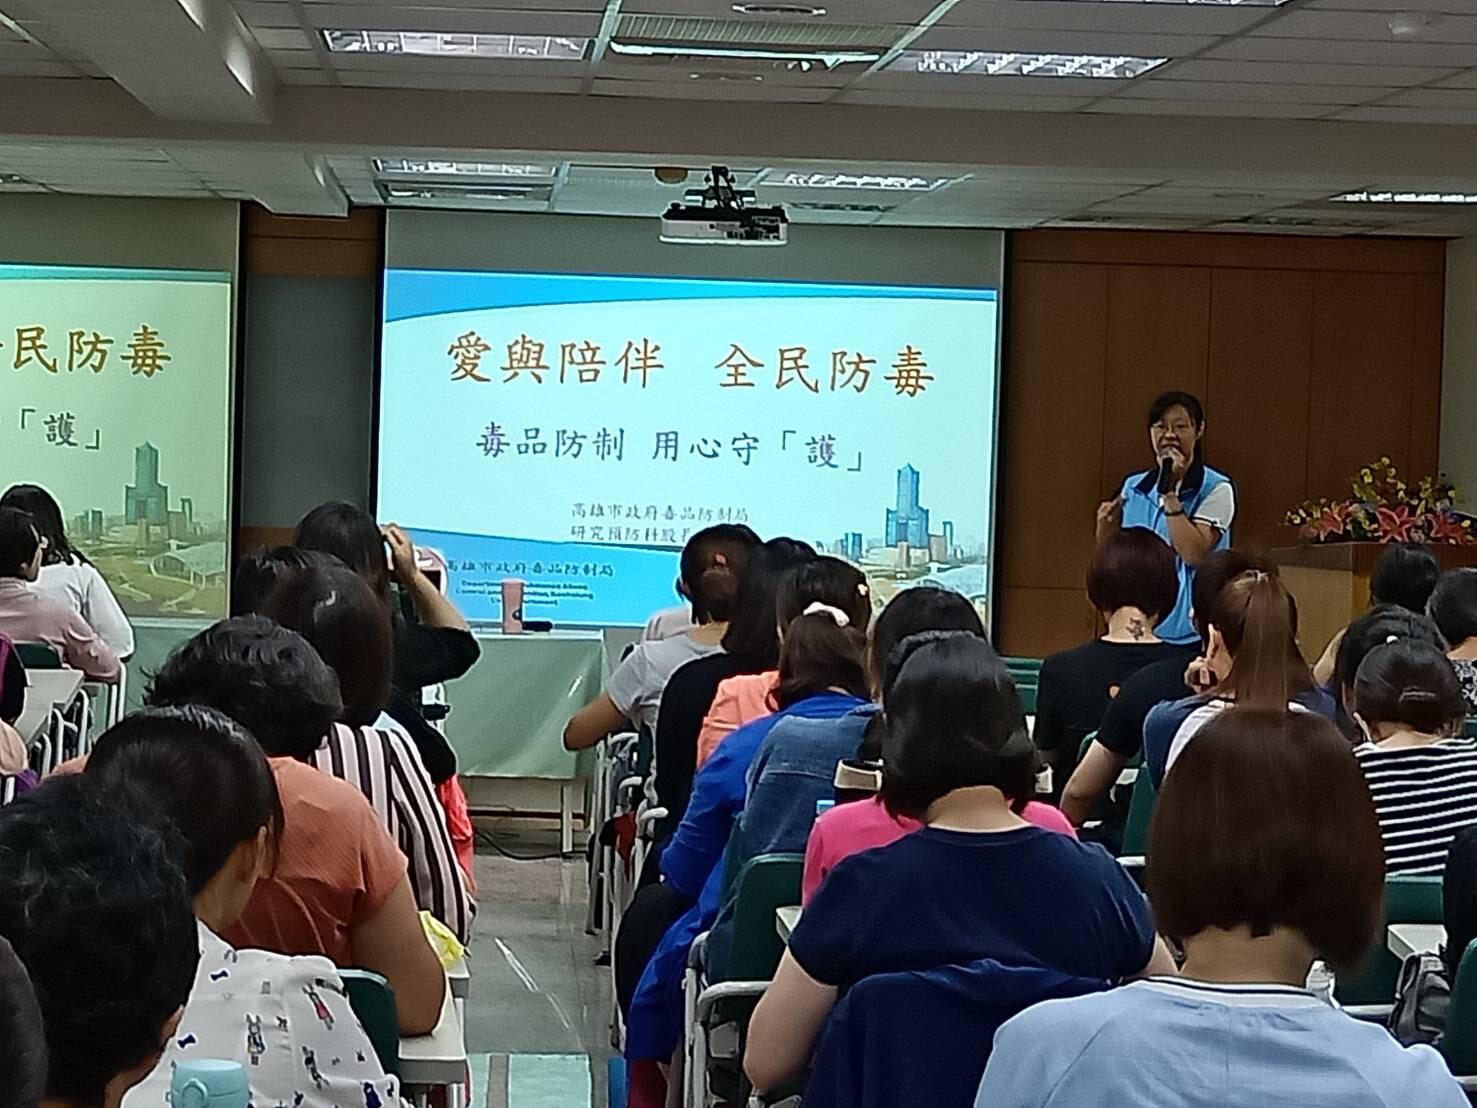 【108年度】護理人員毒品防制教育訓練